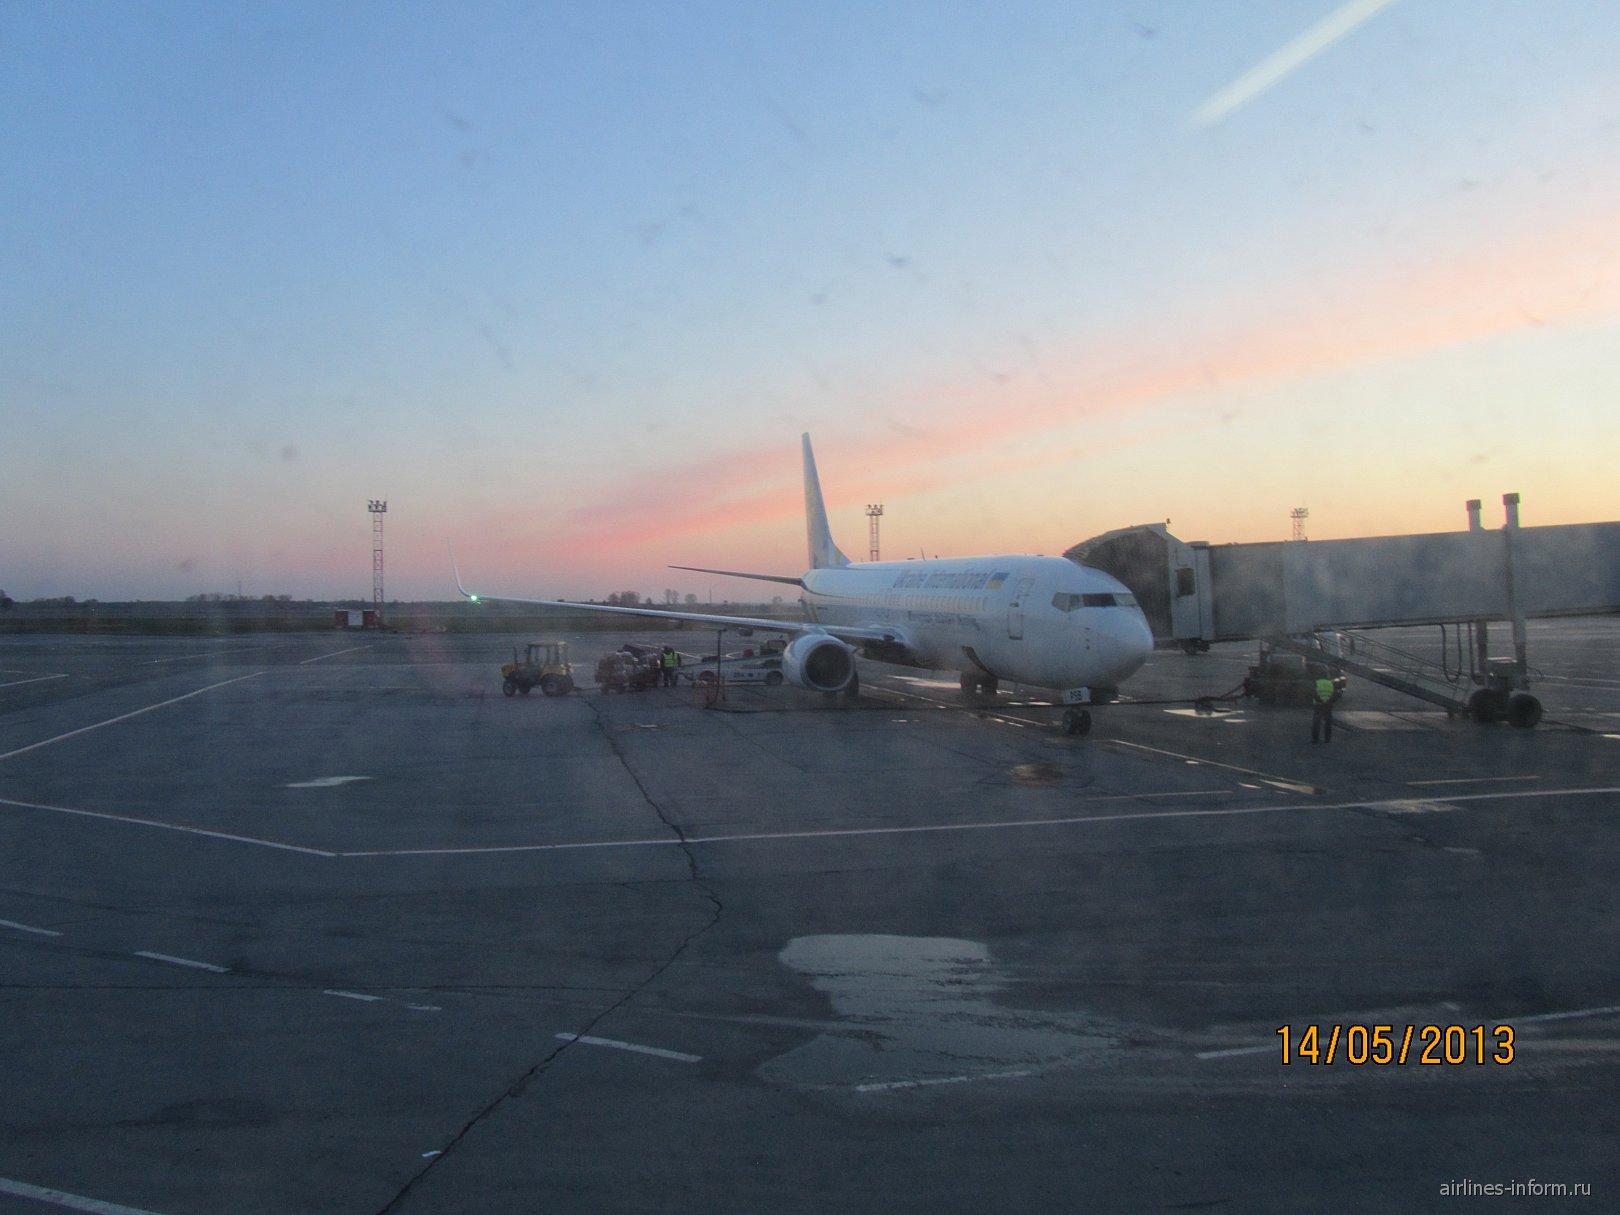 Боинг-737-800 Международных авиалиний Украины в аэропорту Толмачево